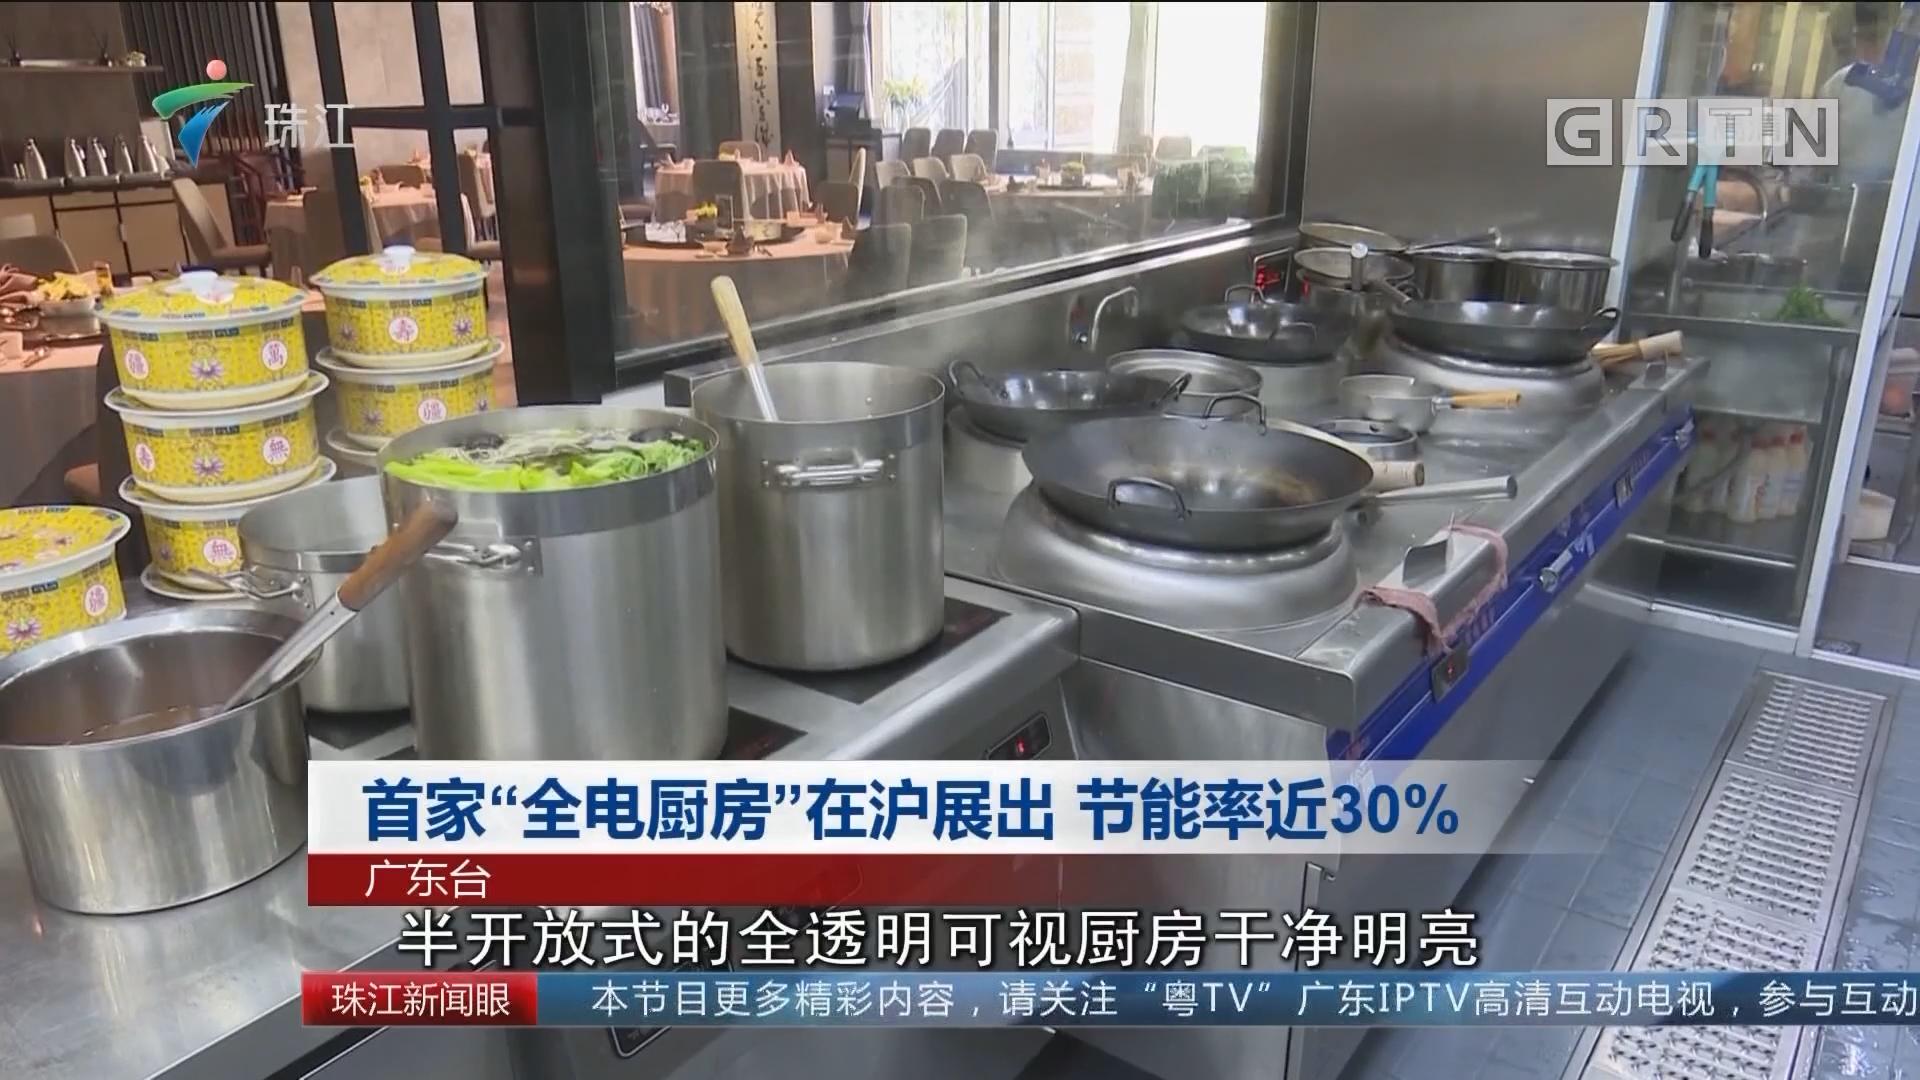 """首家""""全电厨房""""在沪展出 节能率近30%"""